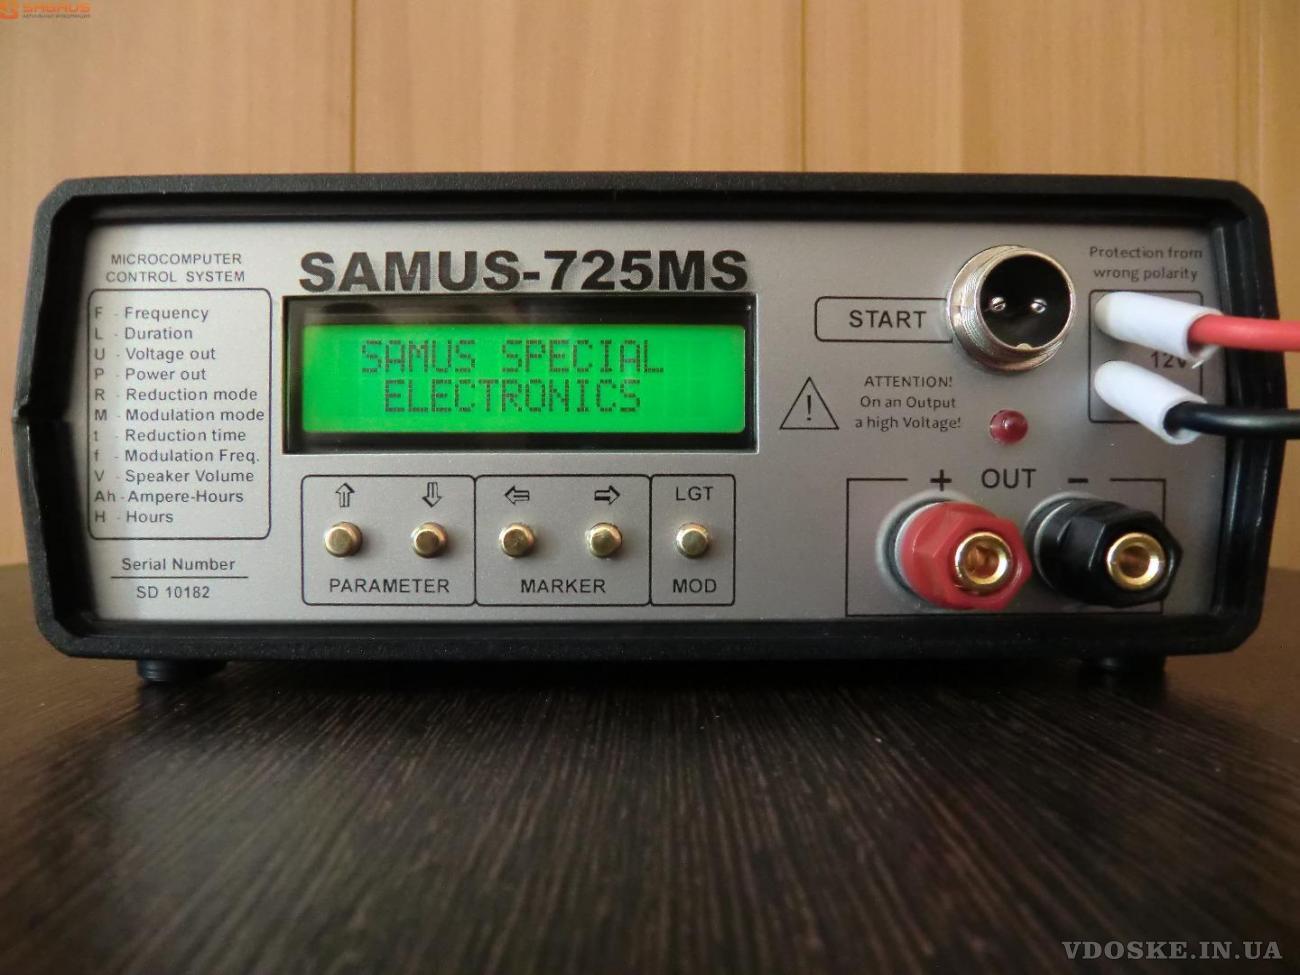 Samus 1000 Samus 725 mp ms (2)